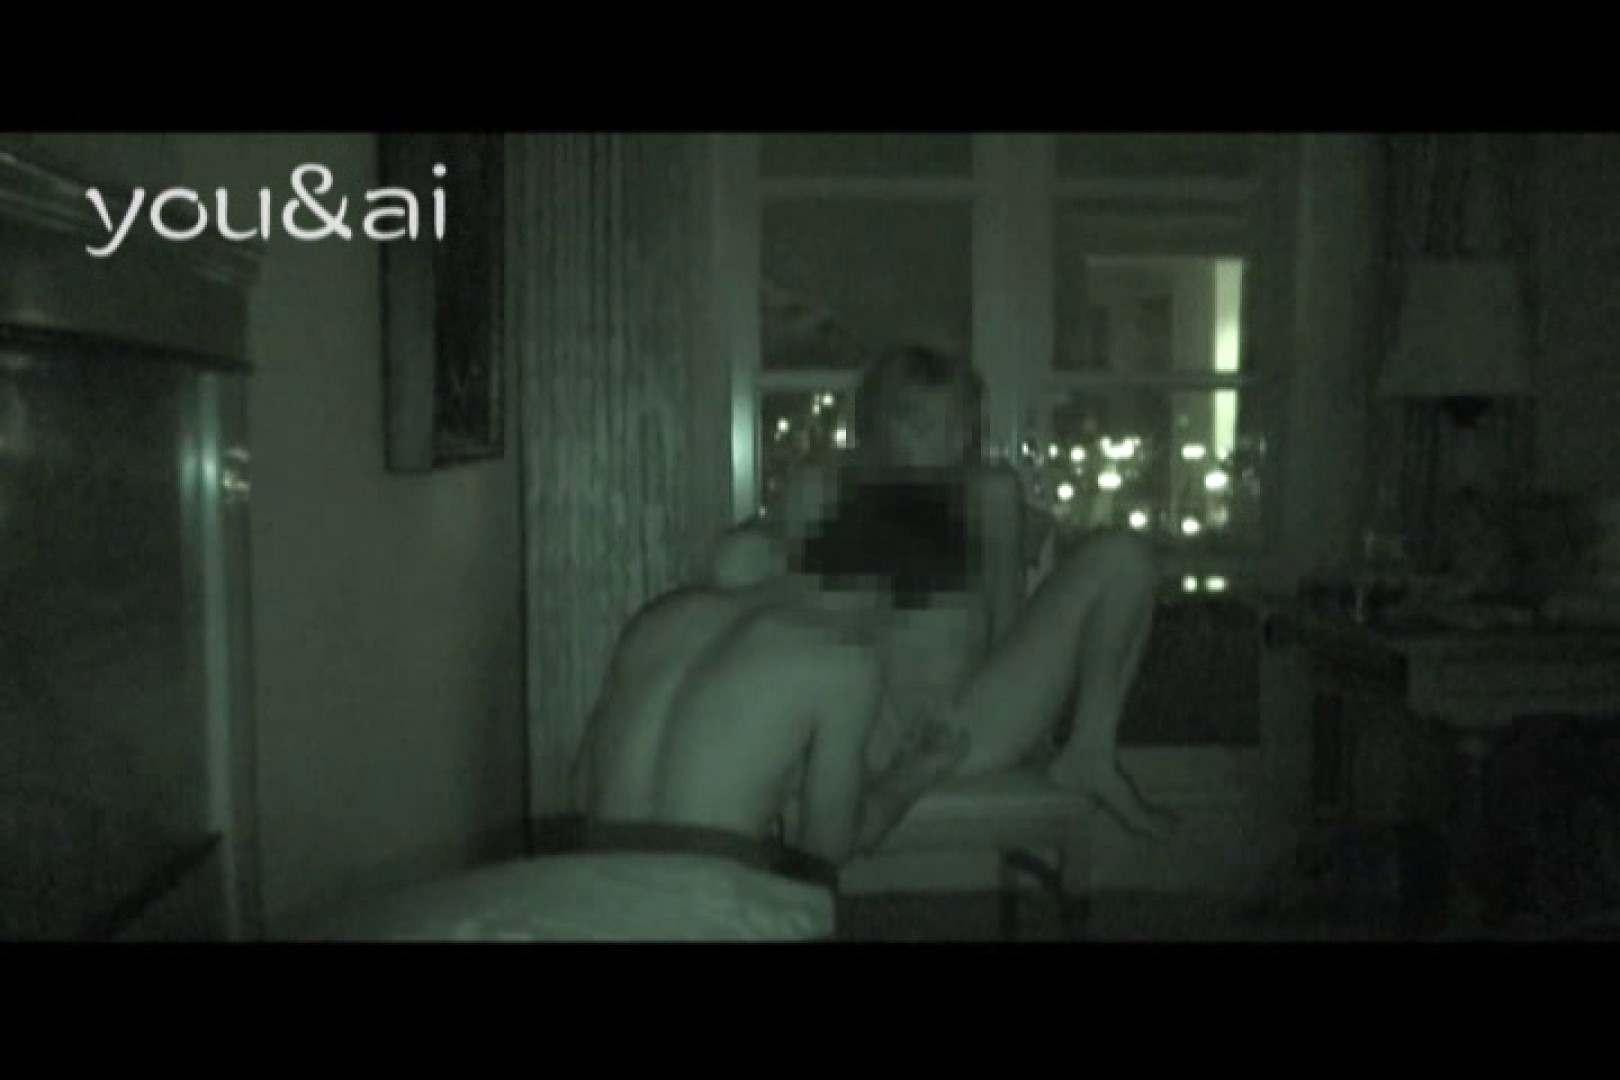 おしどり夫婦のyou&aiさん投稿作品vol.10 ホテル | 投稿作品  107連発 52